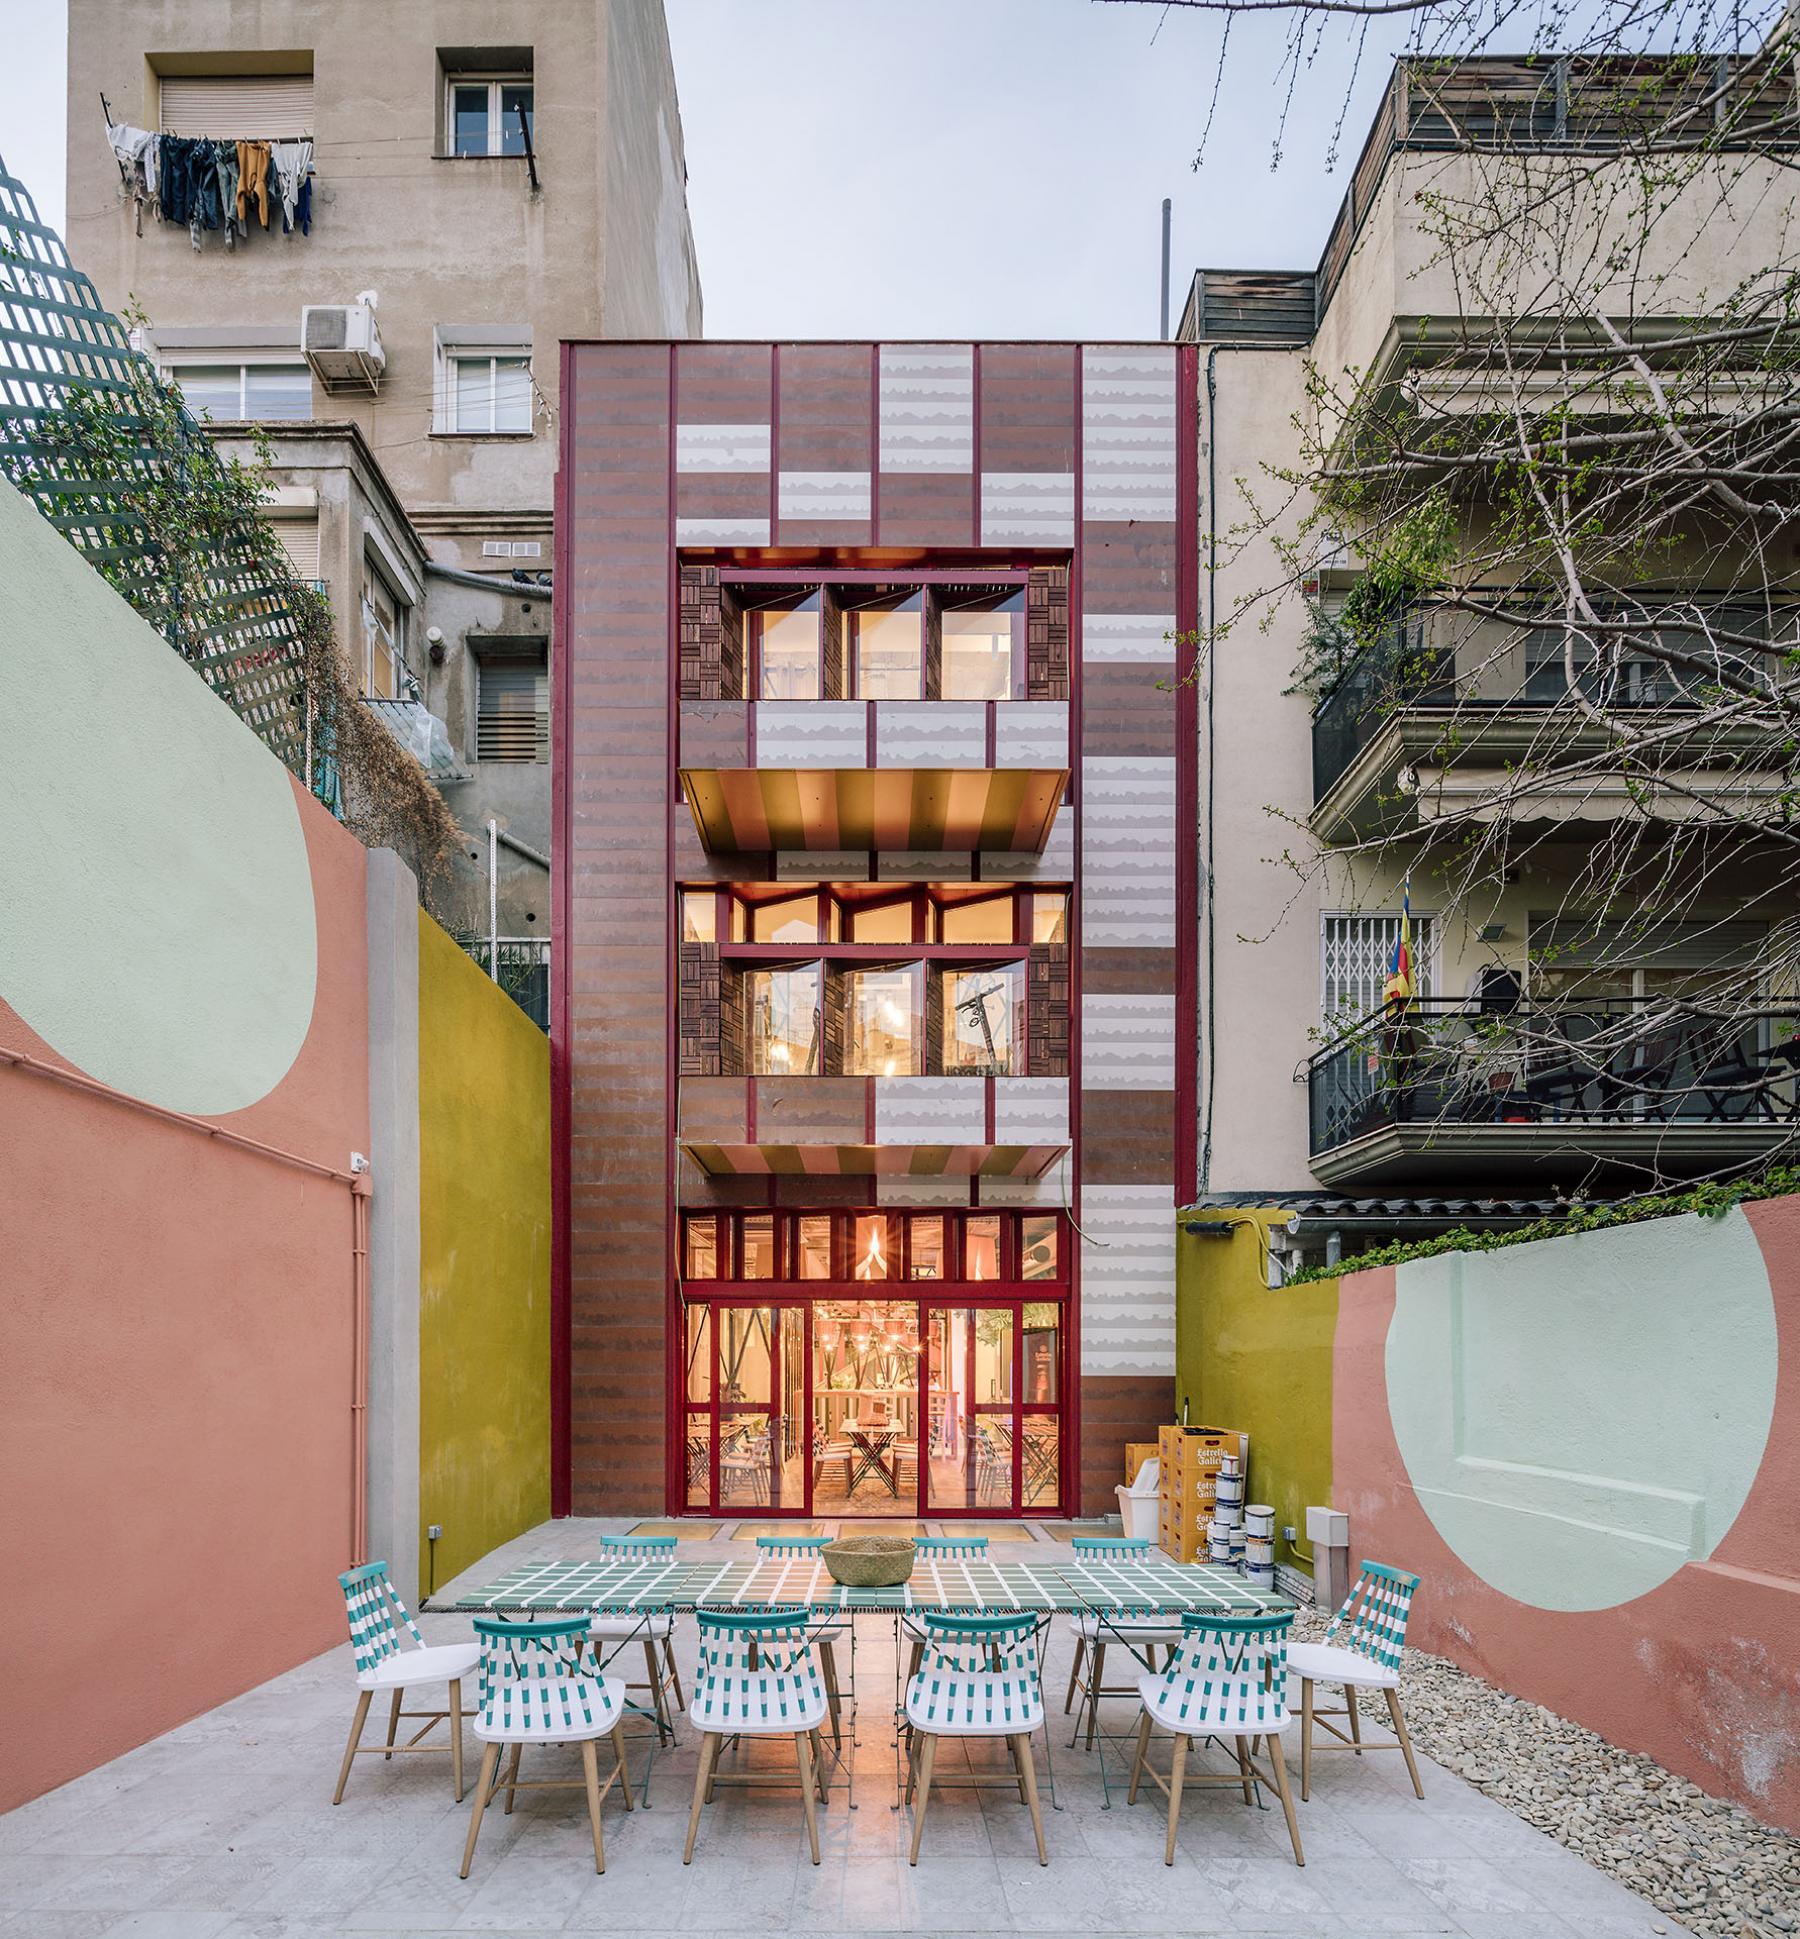 Alquilar oficinas Calle Bretón de los Herreros 9, Barcelona (3)